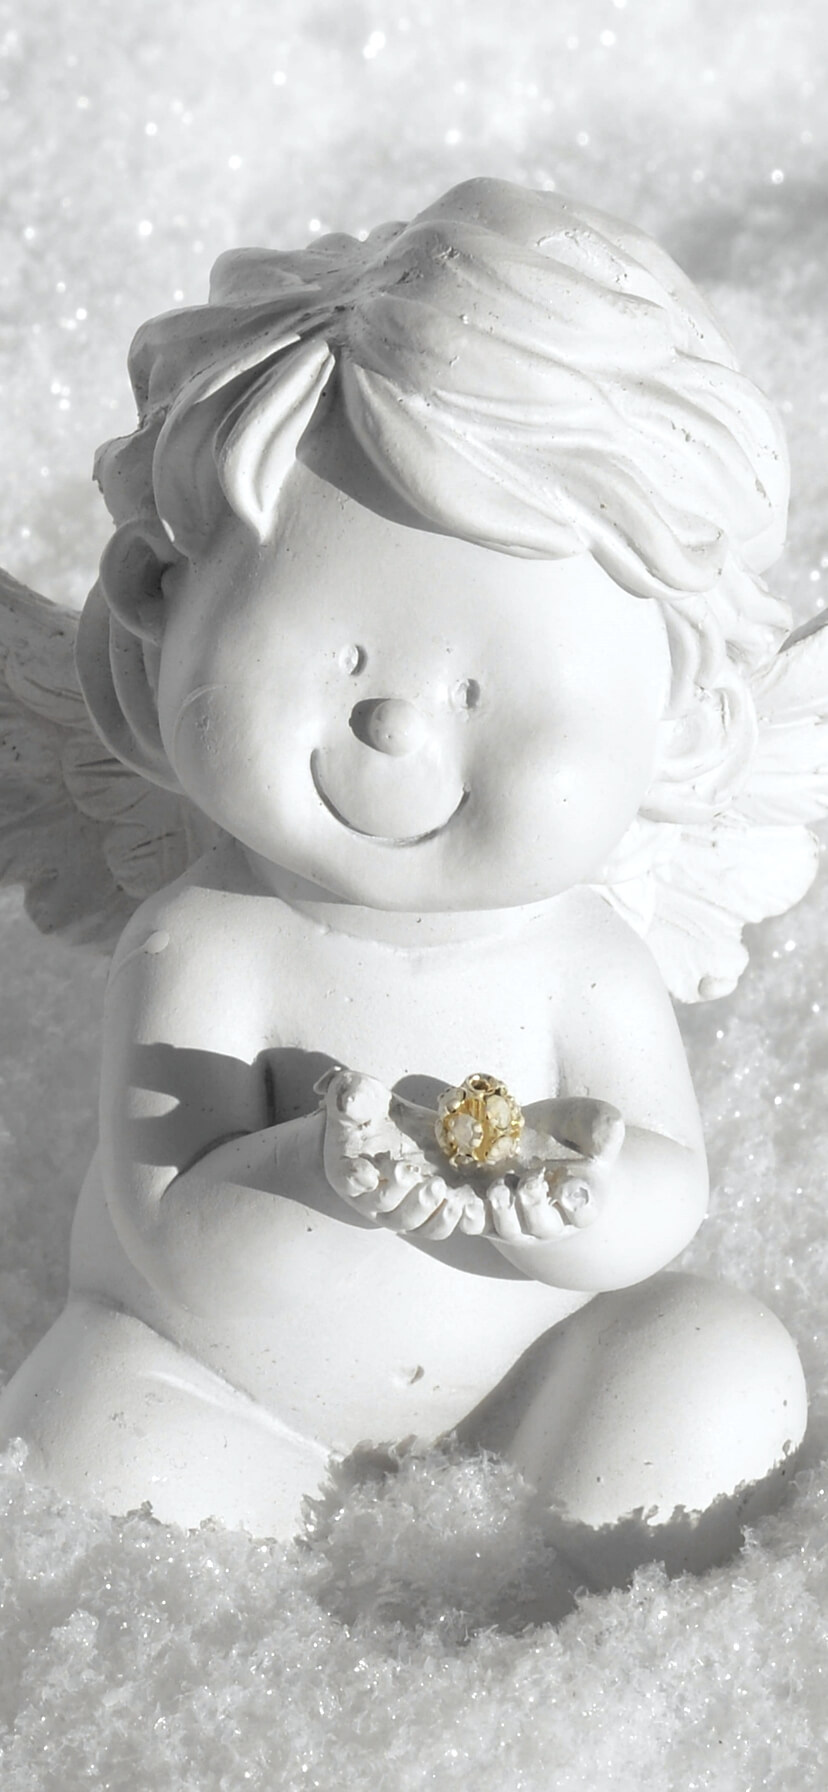 雪の中の天使